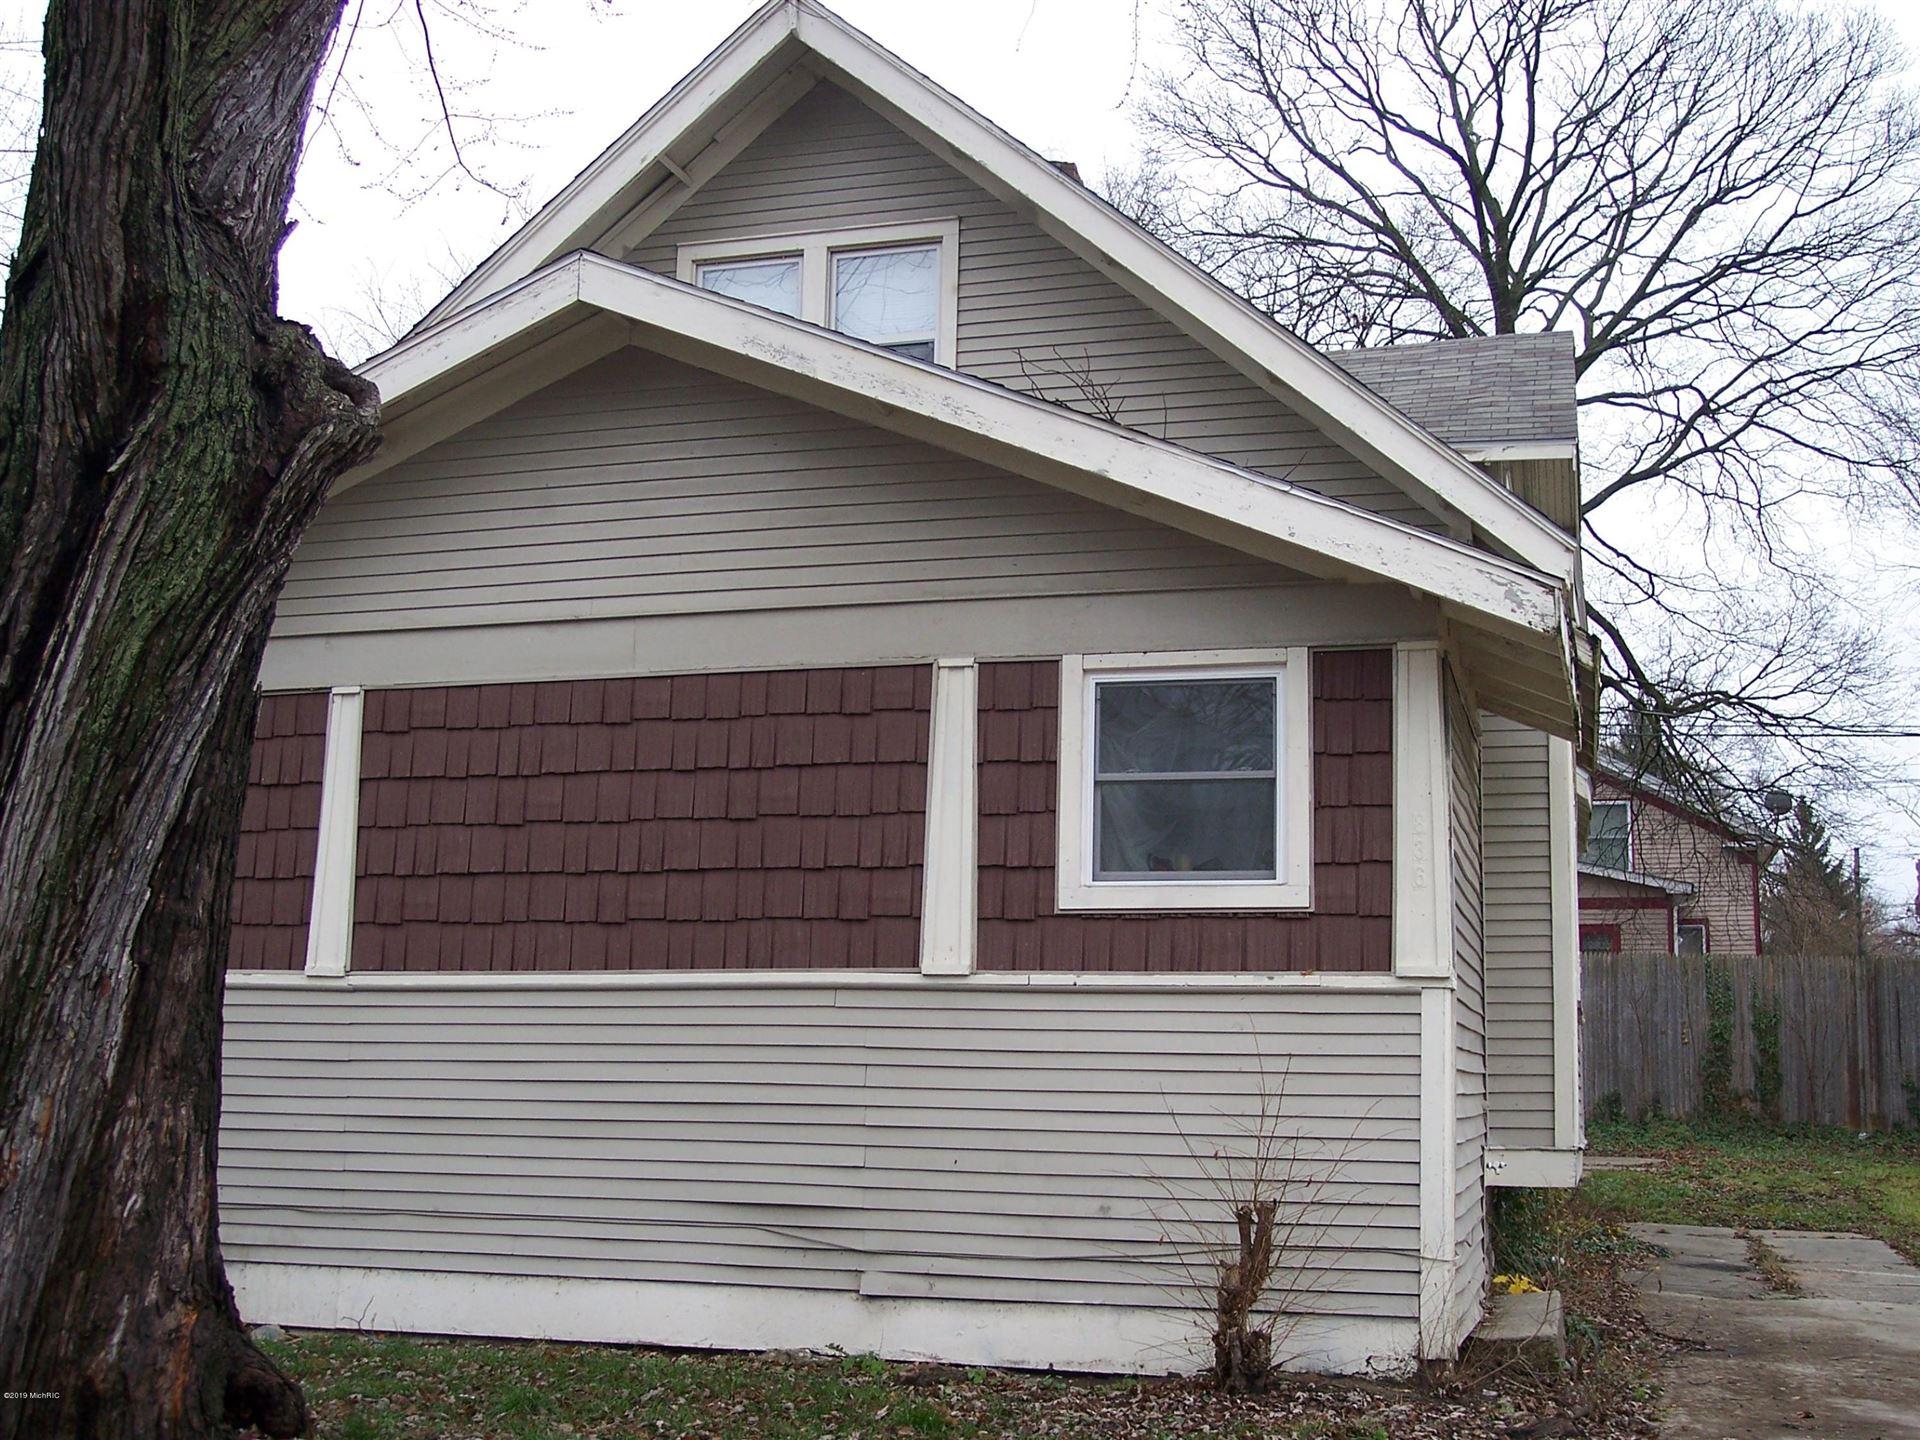 836 Hays Park Avenue, Kalamazoo, MI 49001 - MLS#: 19020148